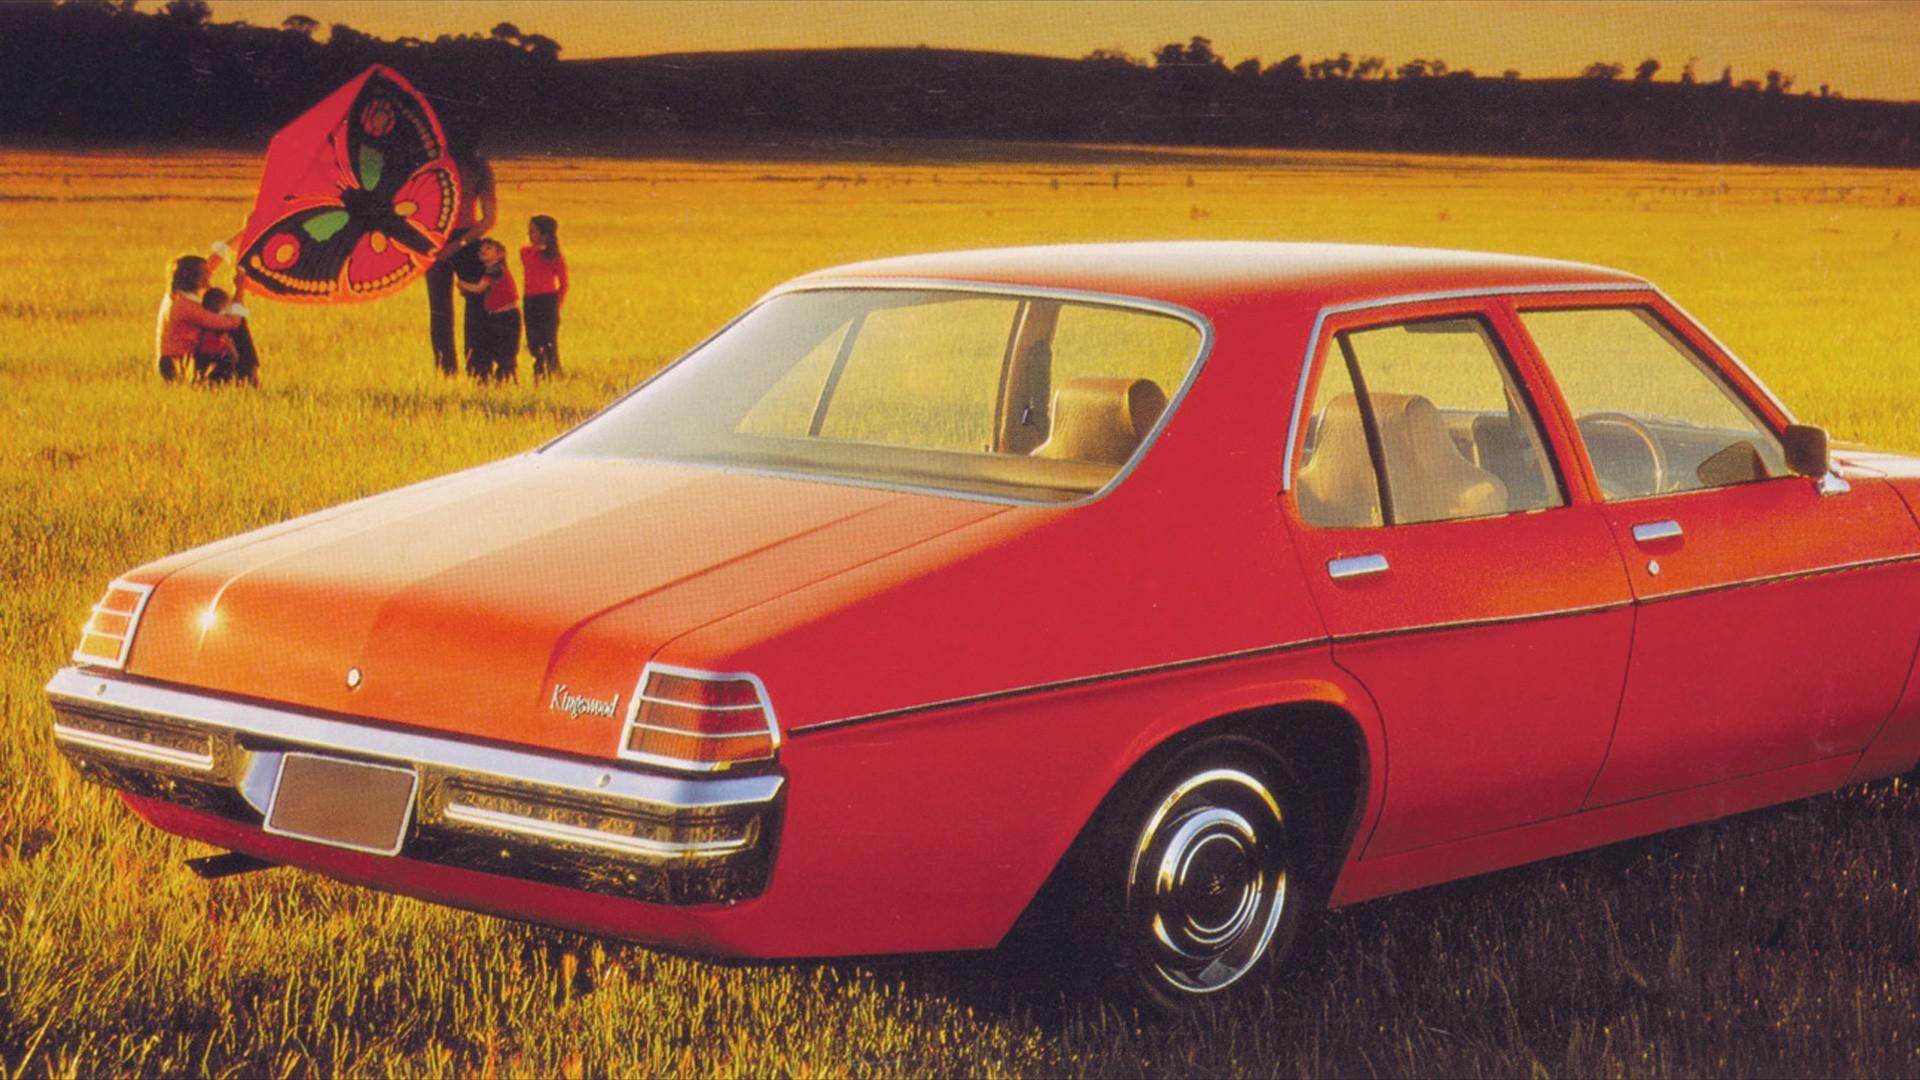 HJ Holden (1974-1976)